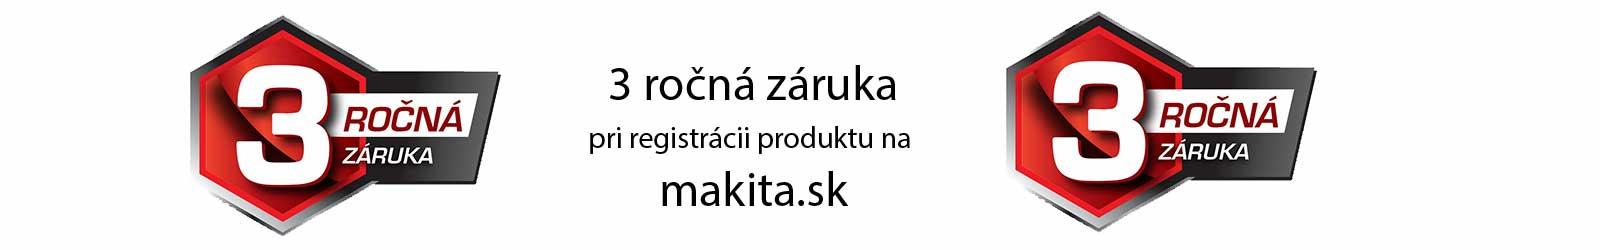 Makita 3 ročná záruka